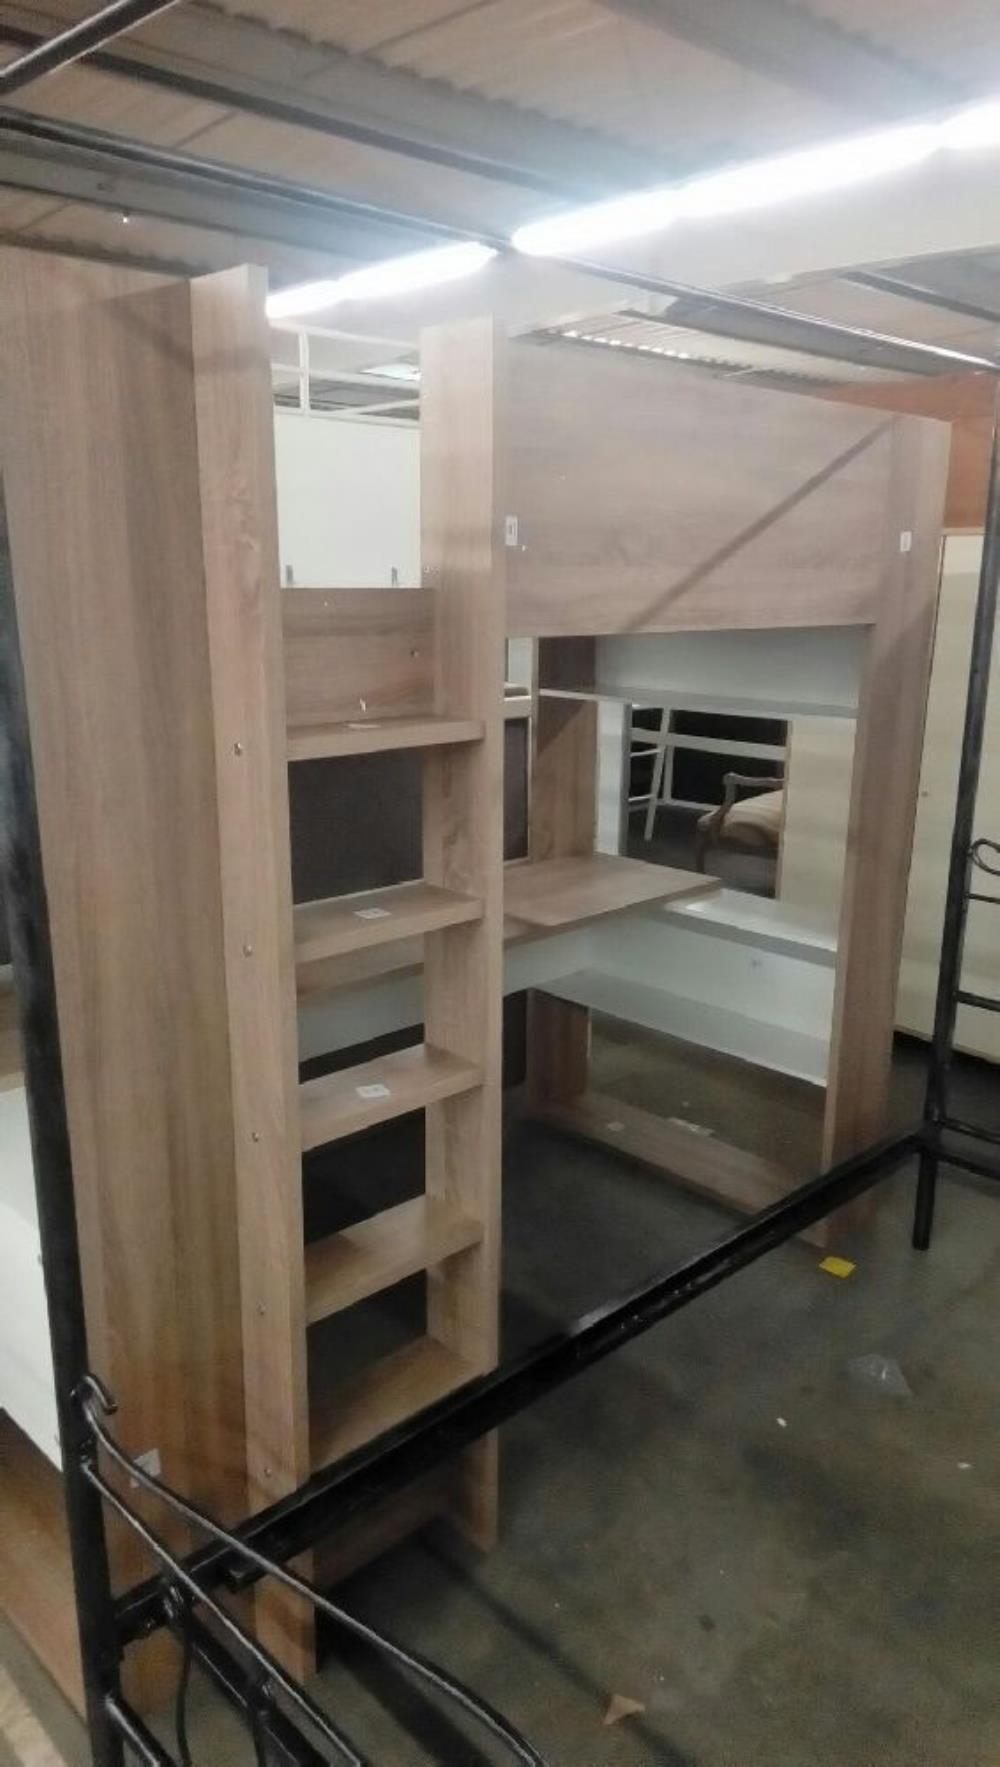 lit mezzanine noah accident occasion troc nancy. Black Bedroom Furniture Sets. Home Design Ideas